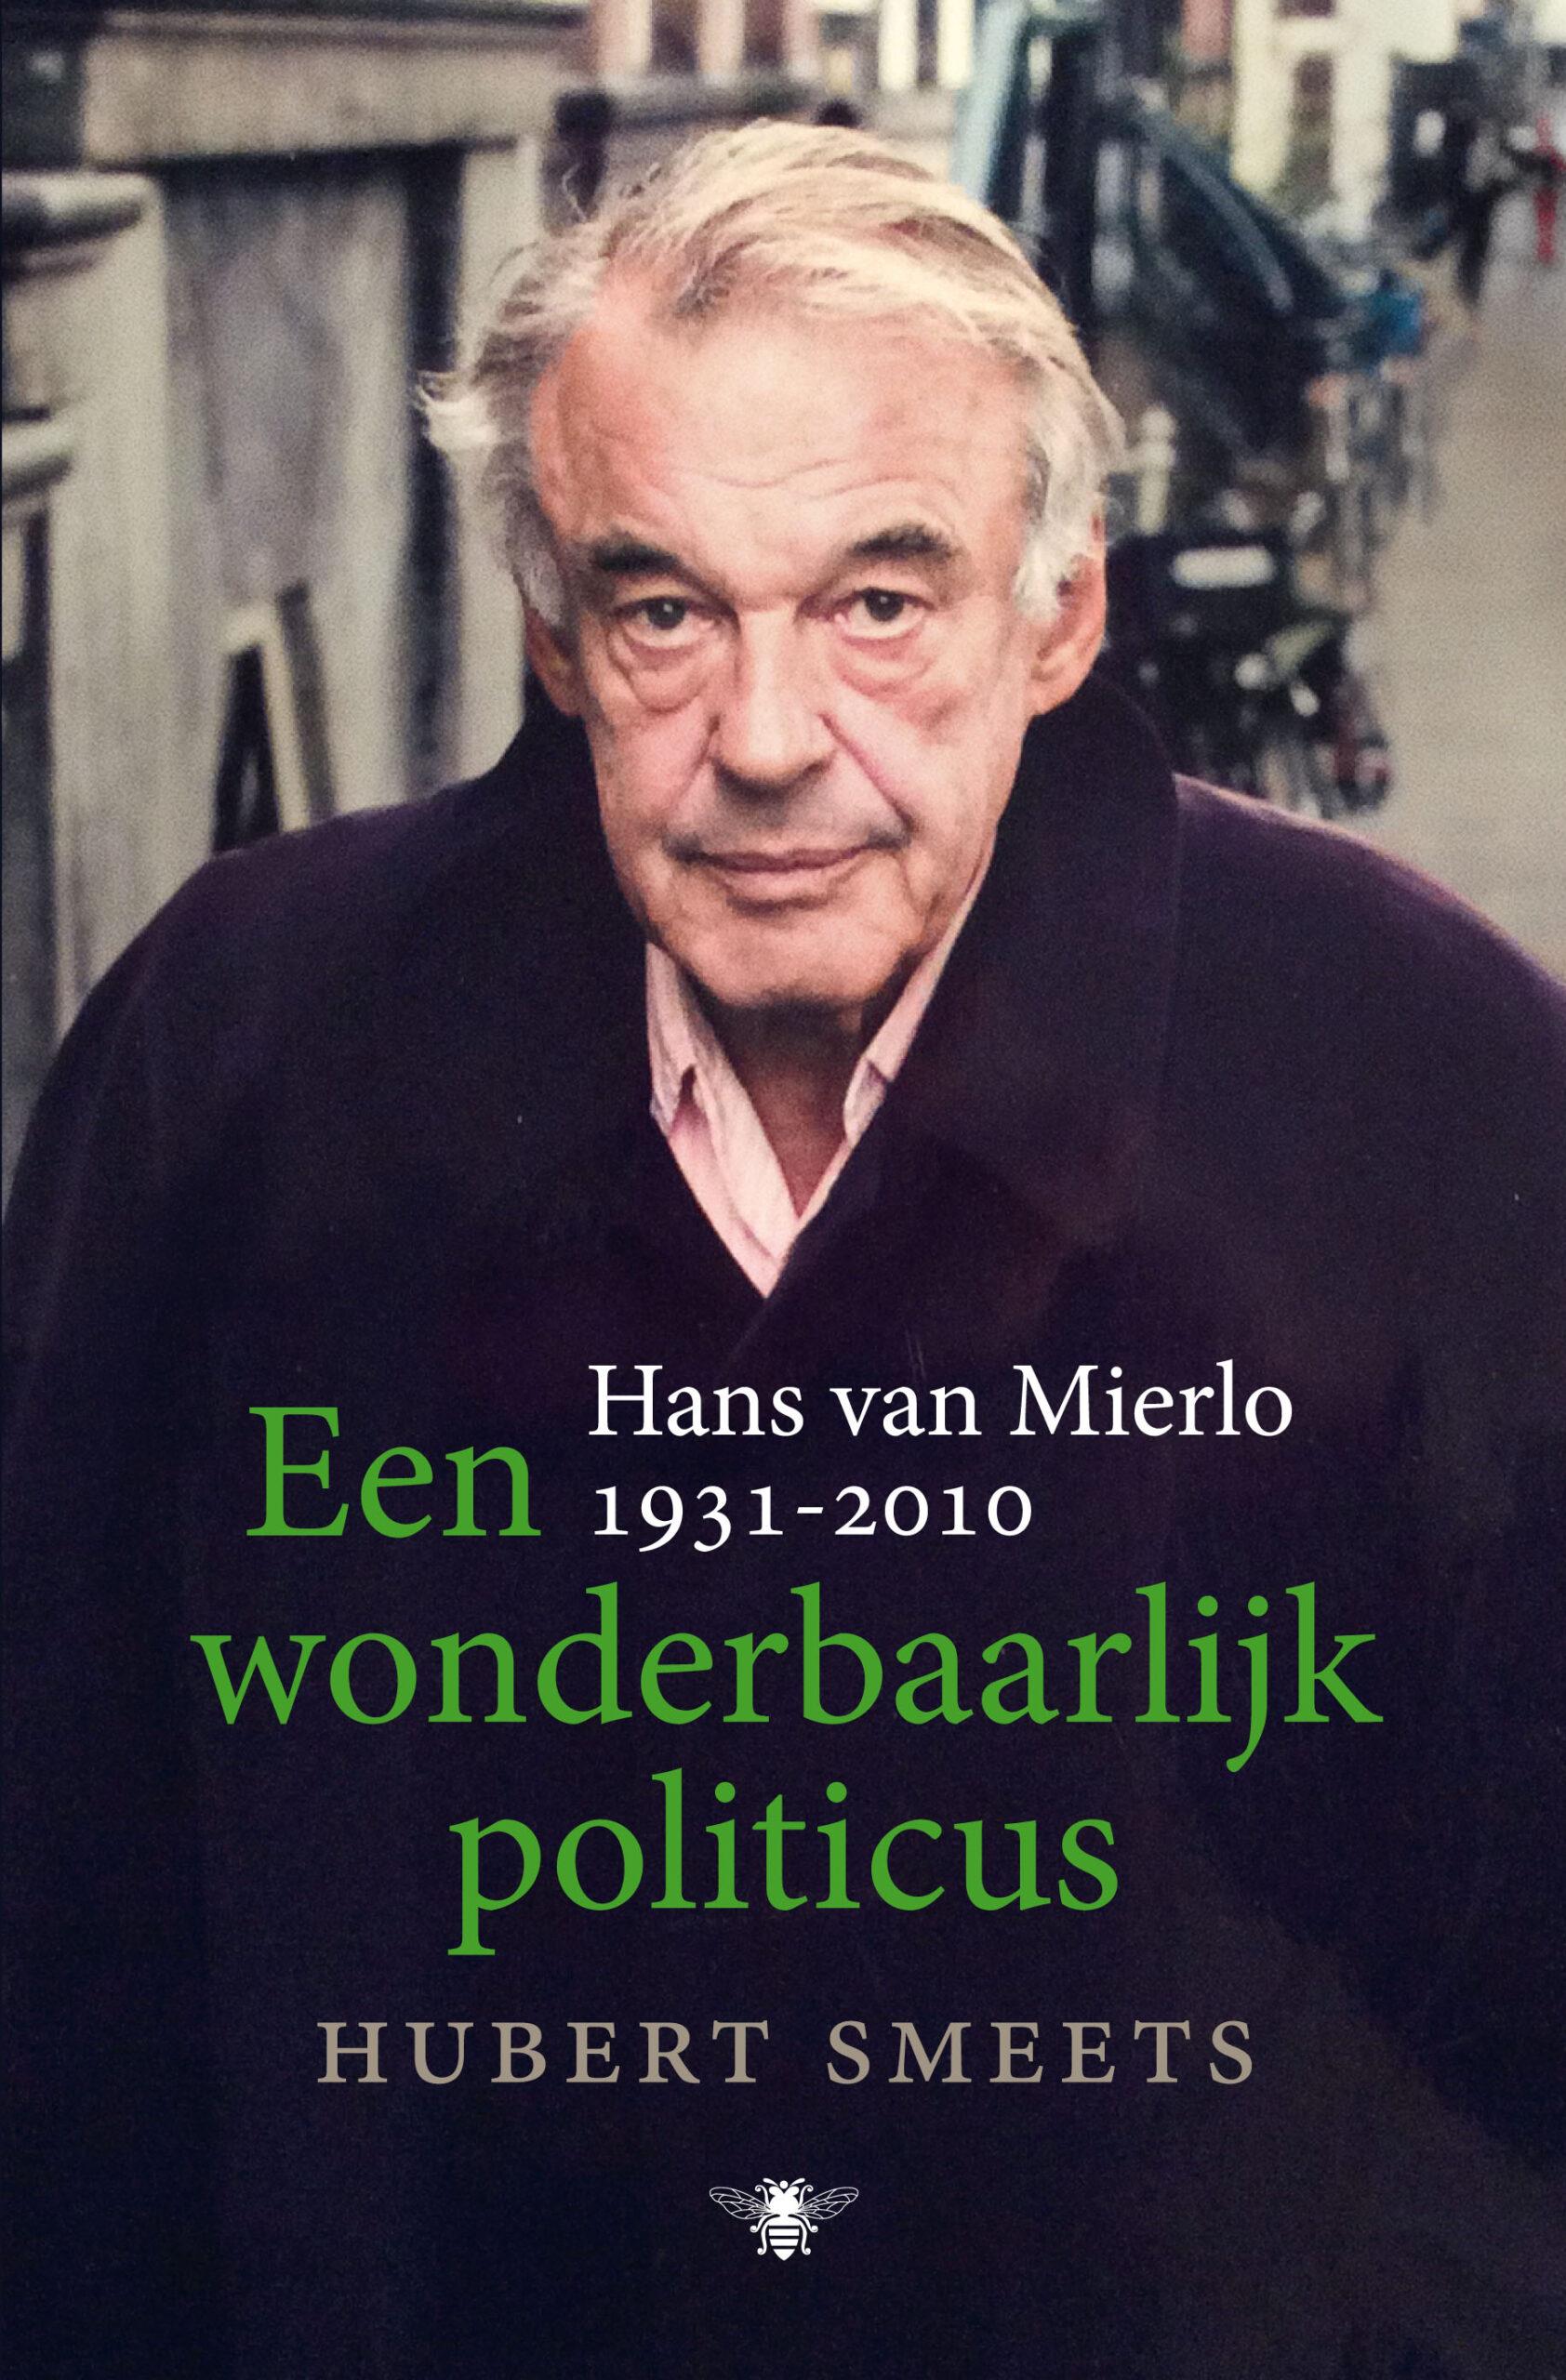 Een wonderbaarlijk politicus - boekenflits